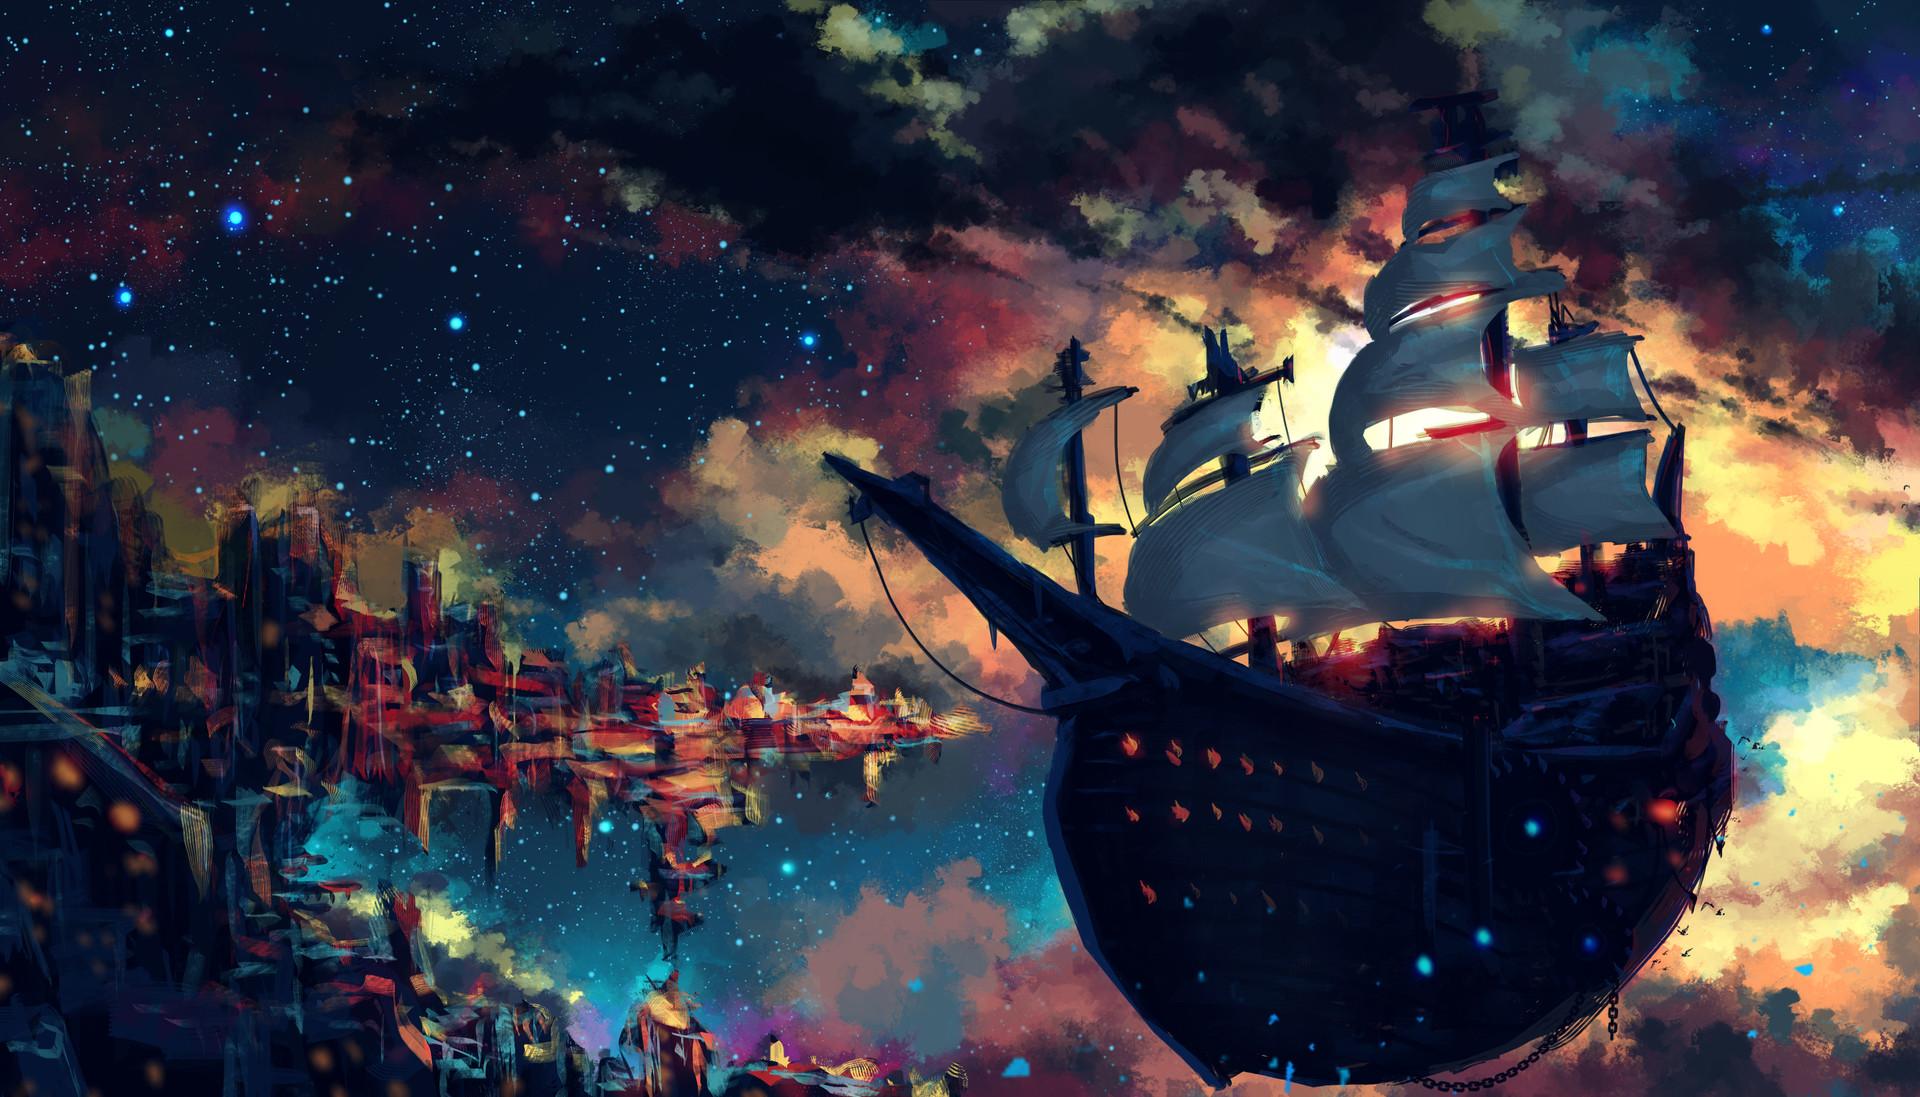 фэнтези картинки парусные корабли в космосе счет таких заготовок